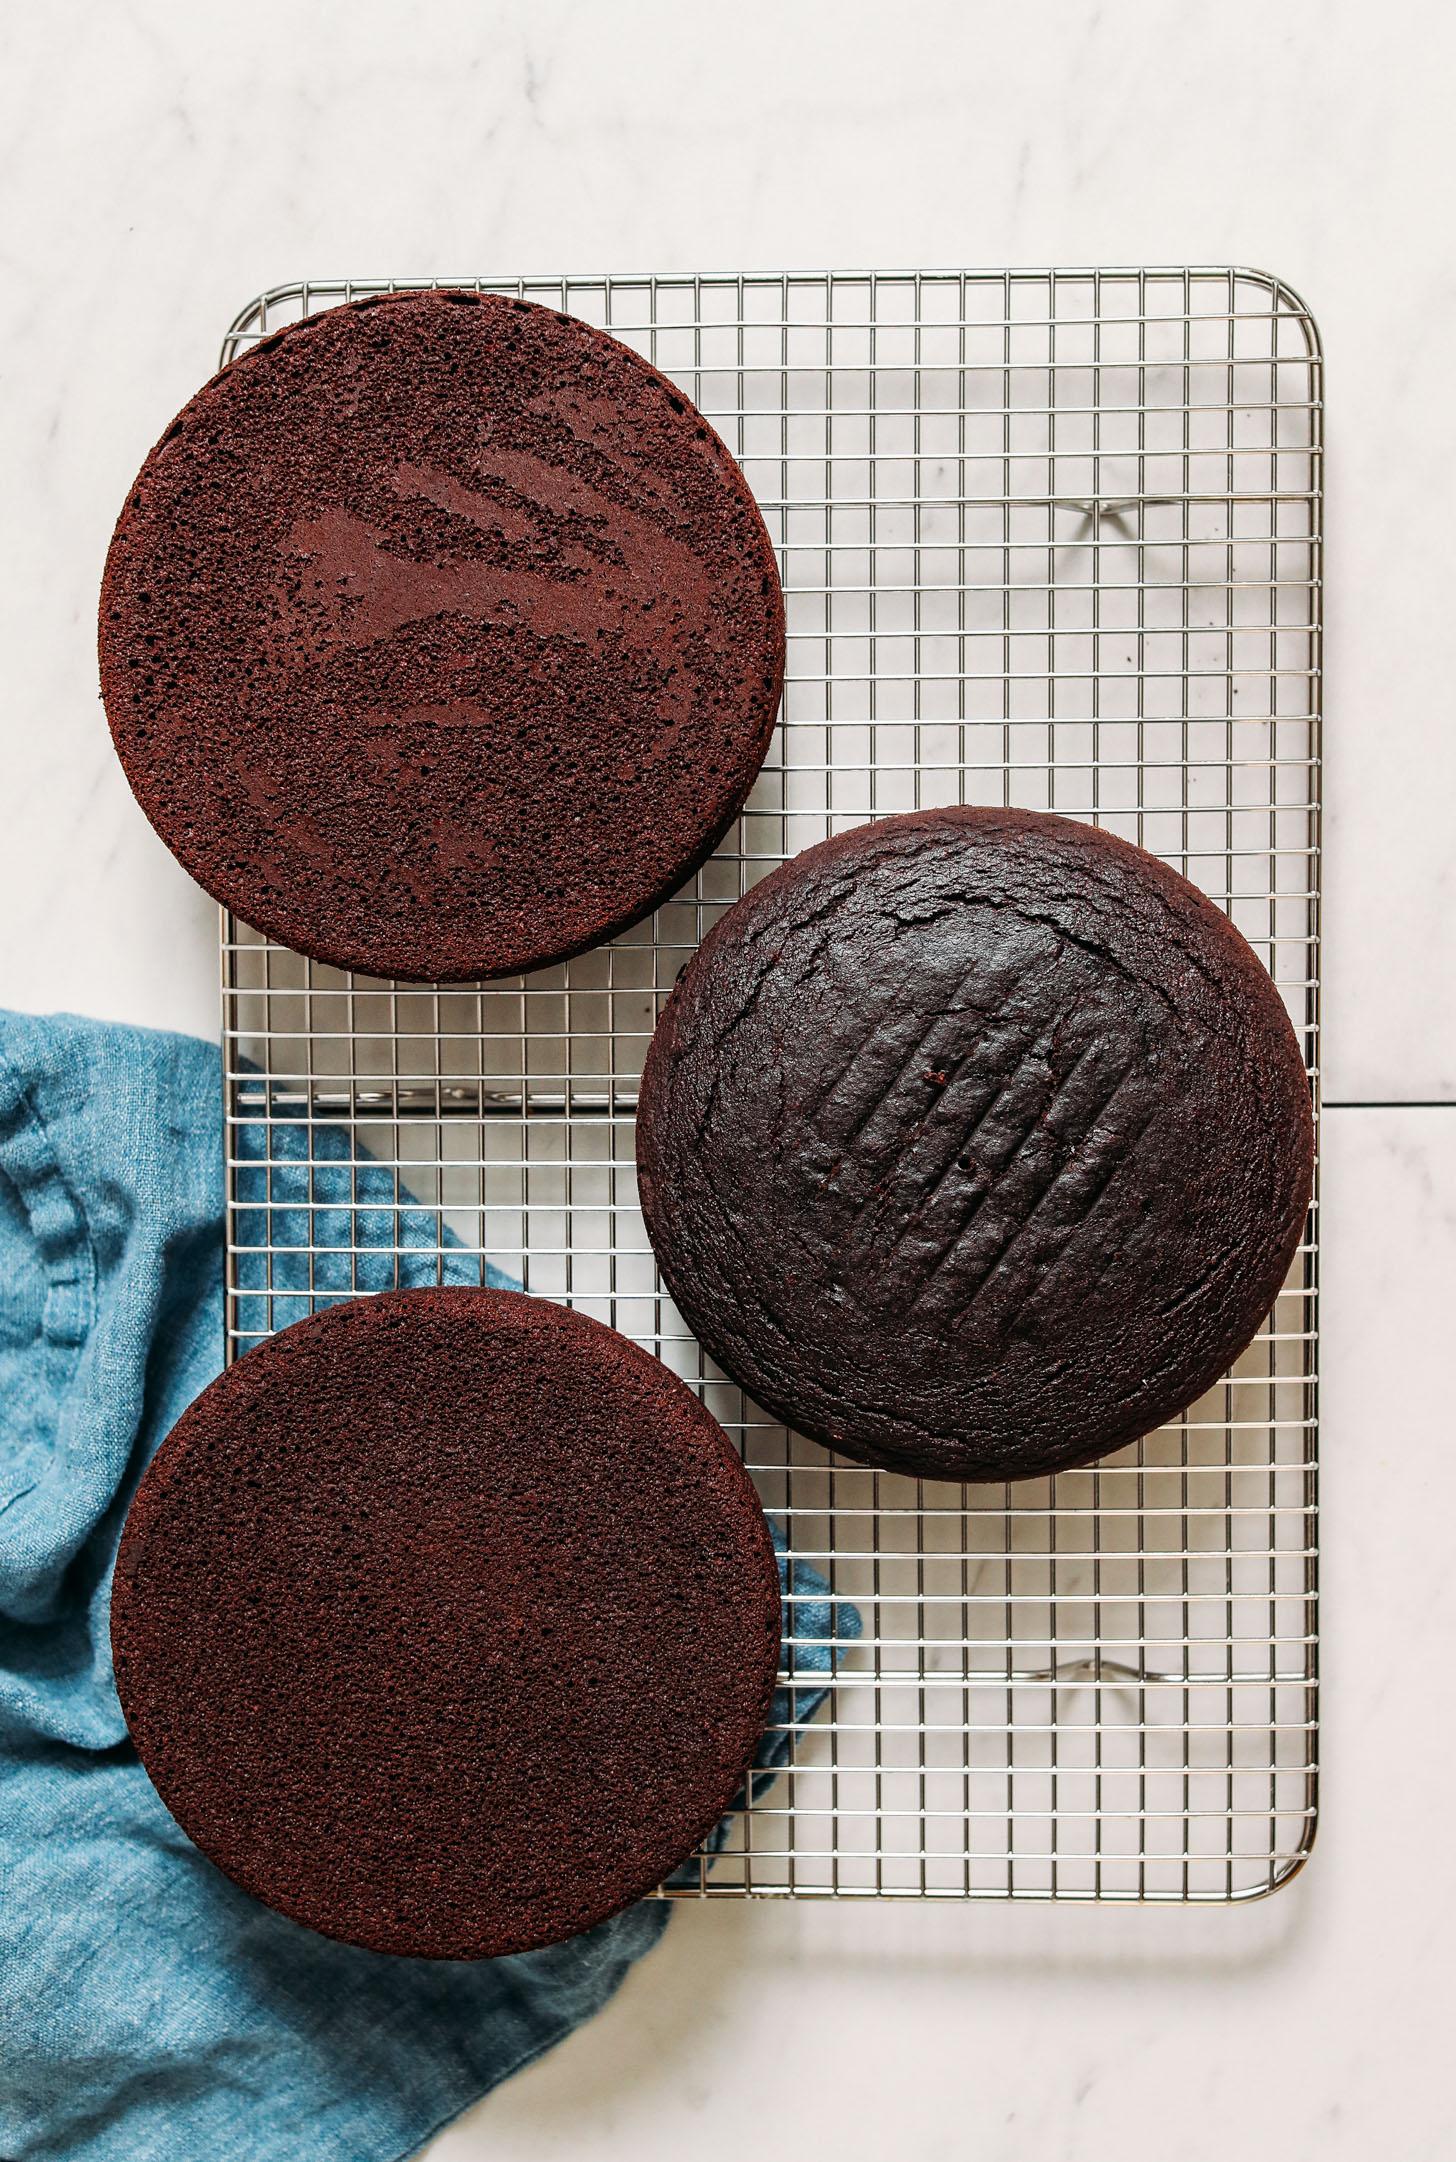 Tres rondas de pastel de chocolate vegano sin gluten en una rejilla para enfriar